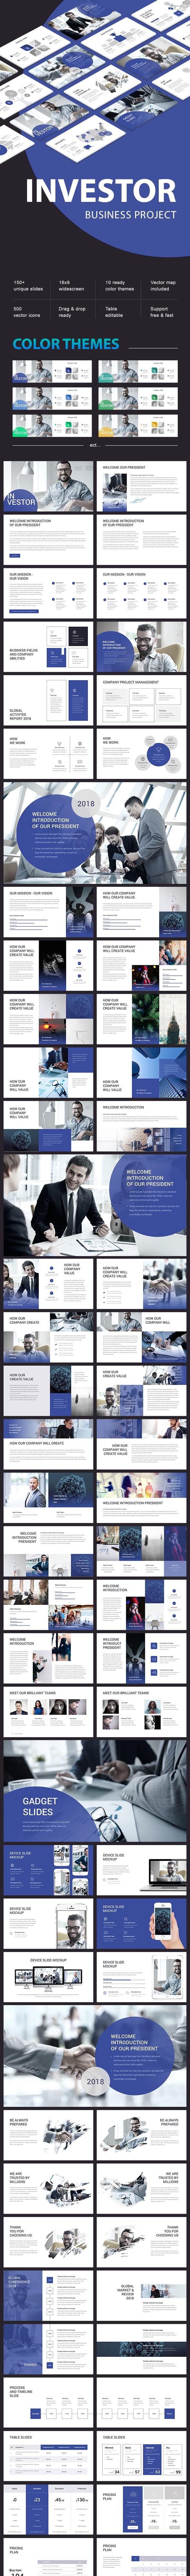 Investor Business - Google Slides Presentation Templates